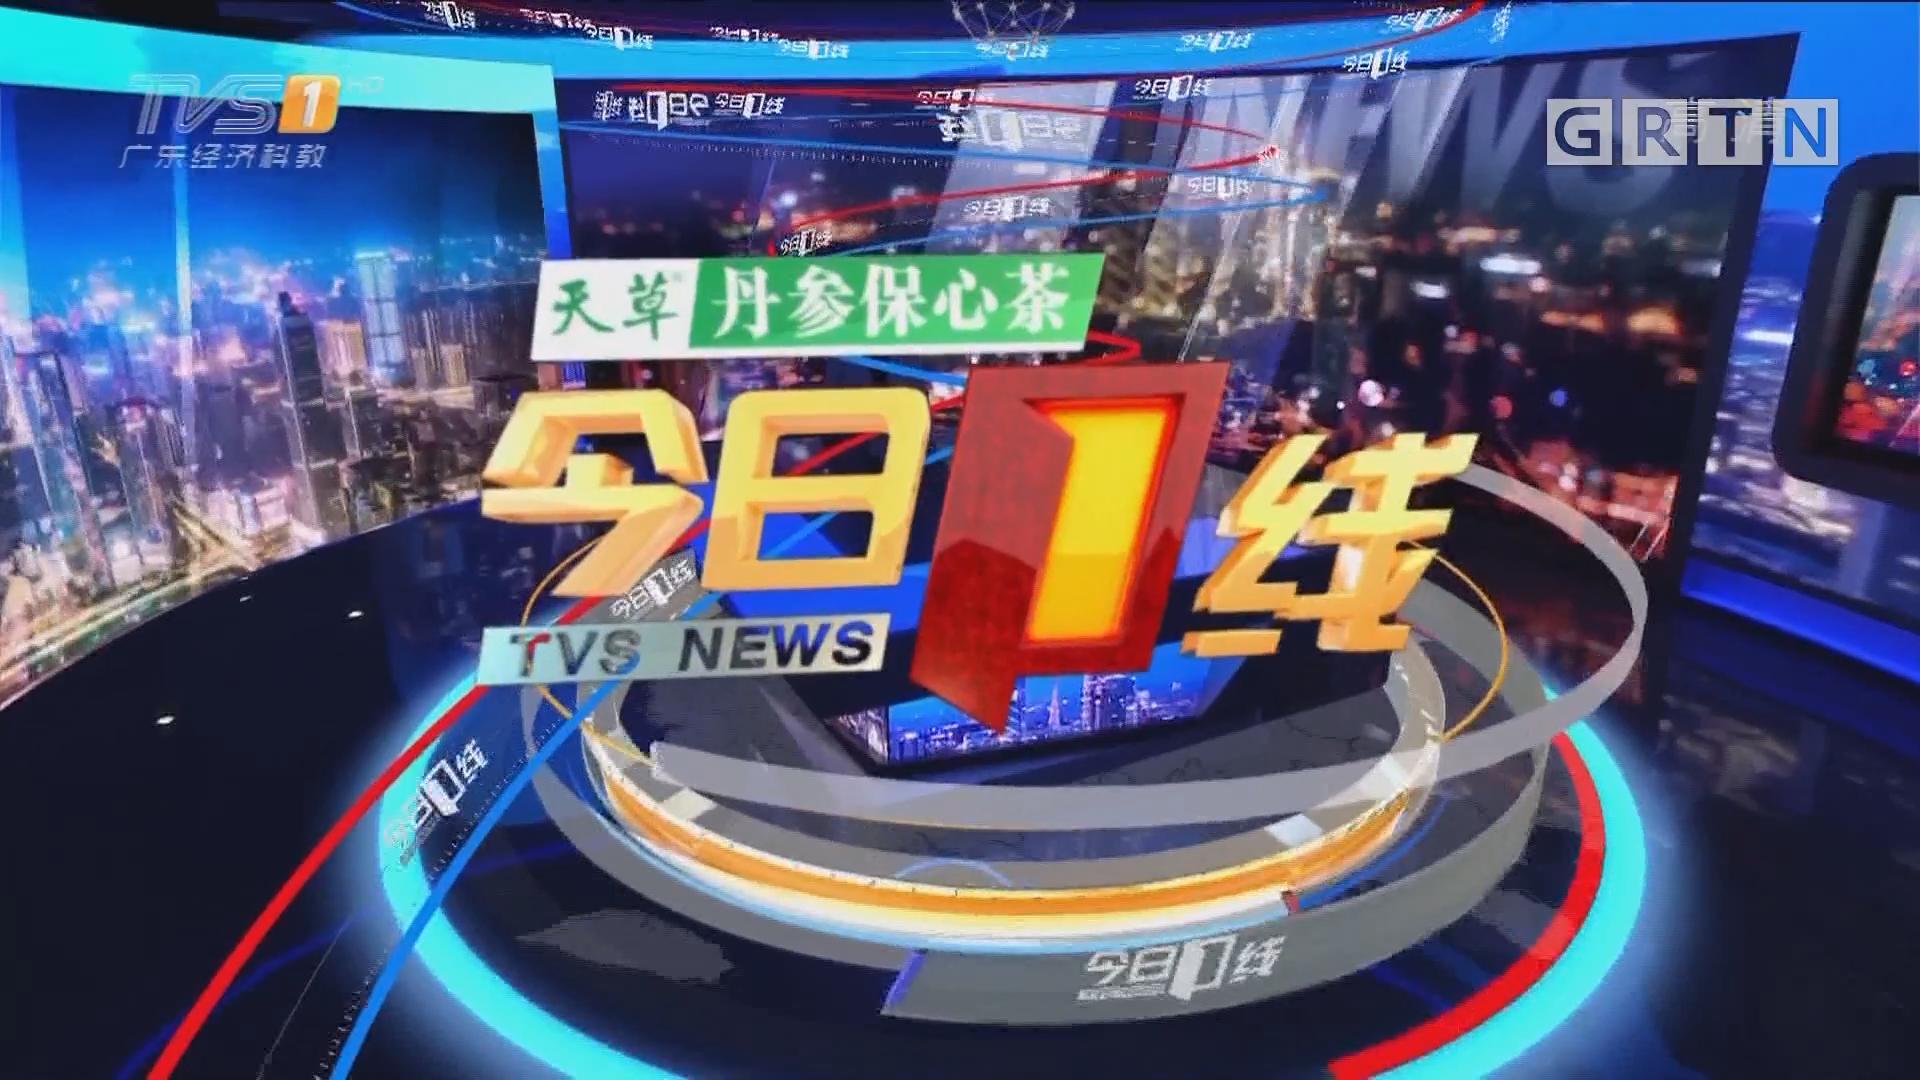 [HD][2018-11-18]今日一线:中山三乡:女孩疑遭当街强拐 警方迅速抓获嫌疑男子